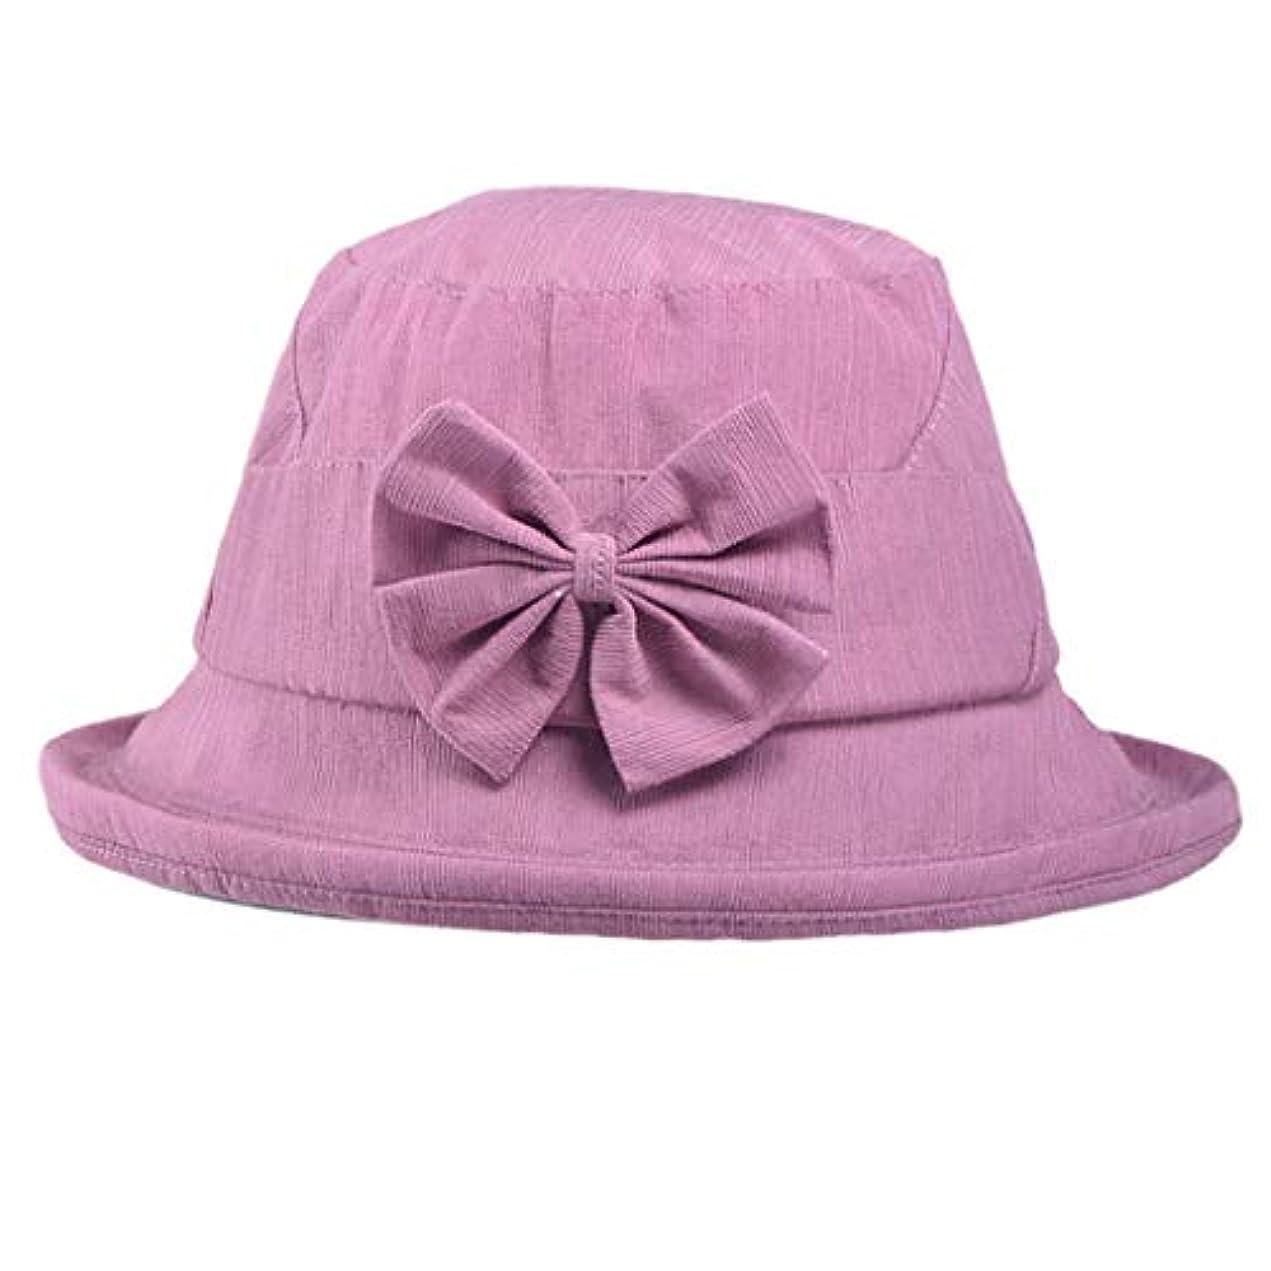 ファッション小物 夏 帽子 レディース UVカット 帽子 アウトドア 夏 春 UVカット 帽子 蝶結び 漁師帽 日焼け防止 つば広 無地 ハット レディース 女性 紫外線対策 大きいサイズ 夏季 ビーチ ROSE ROMAN